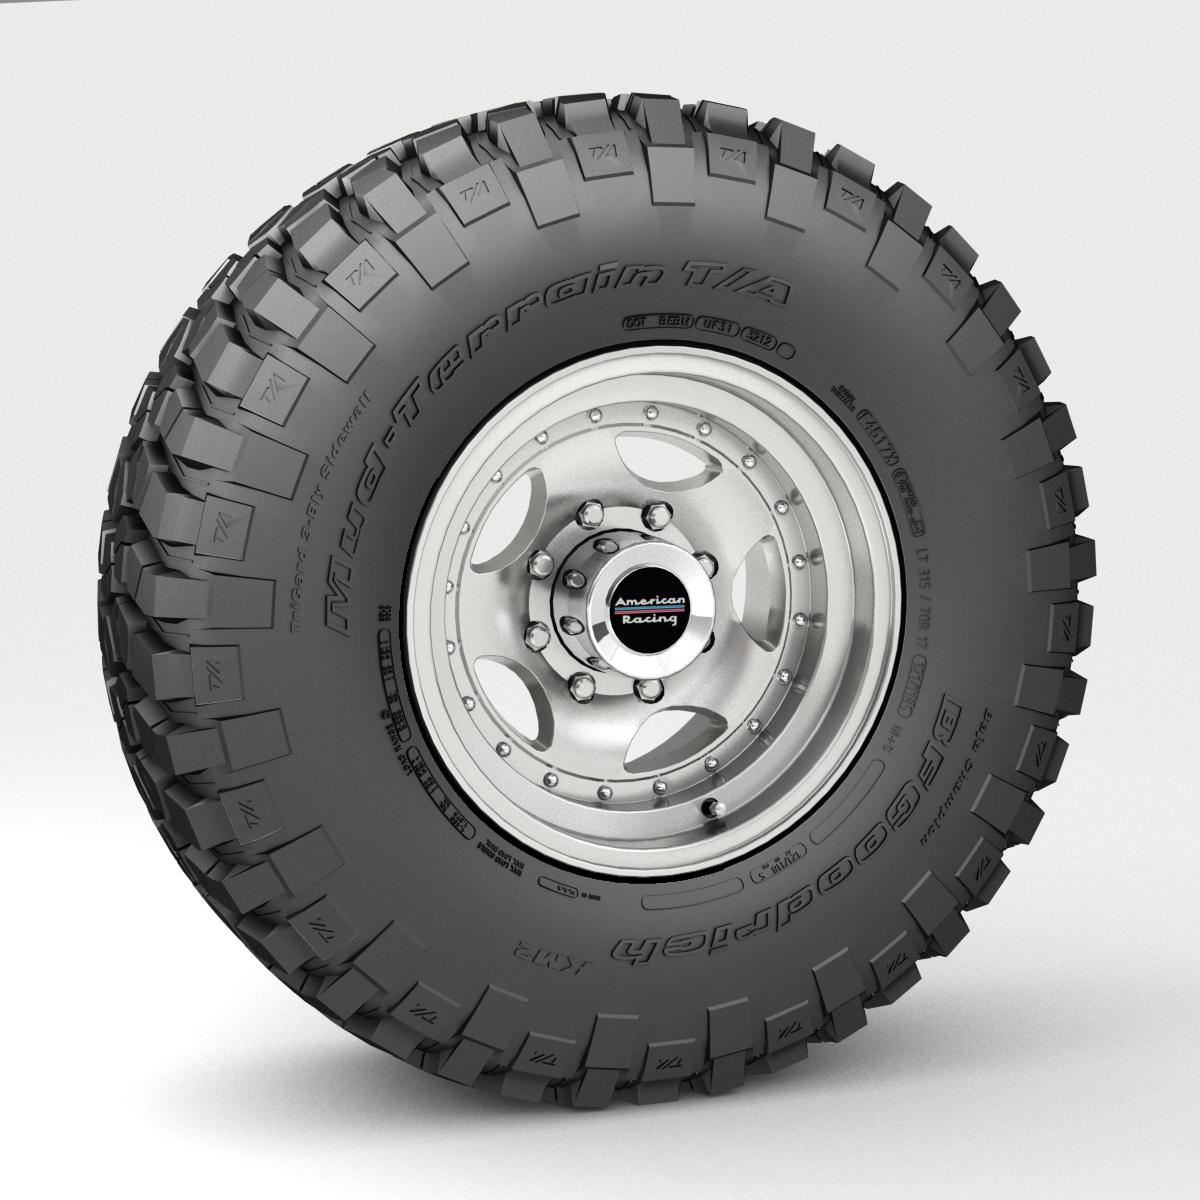 off road wheel and tire 3 3d model 3ds max fbx tga targa icb vda vst pix obj 224450